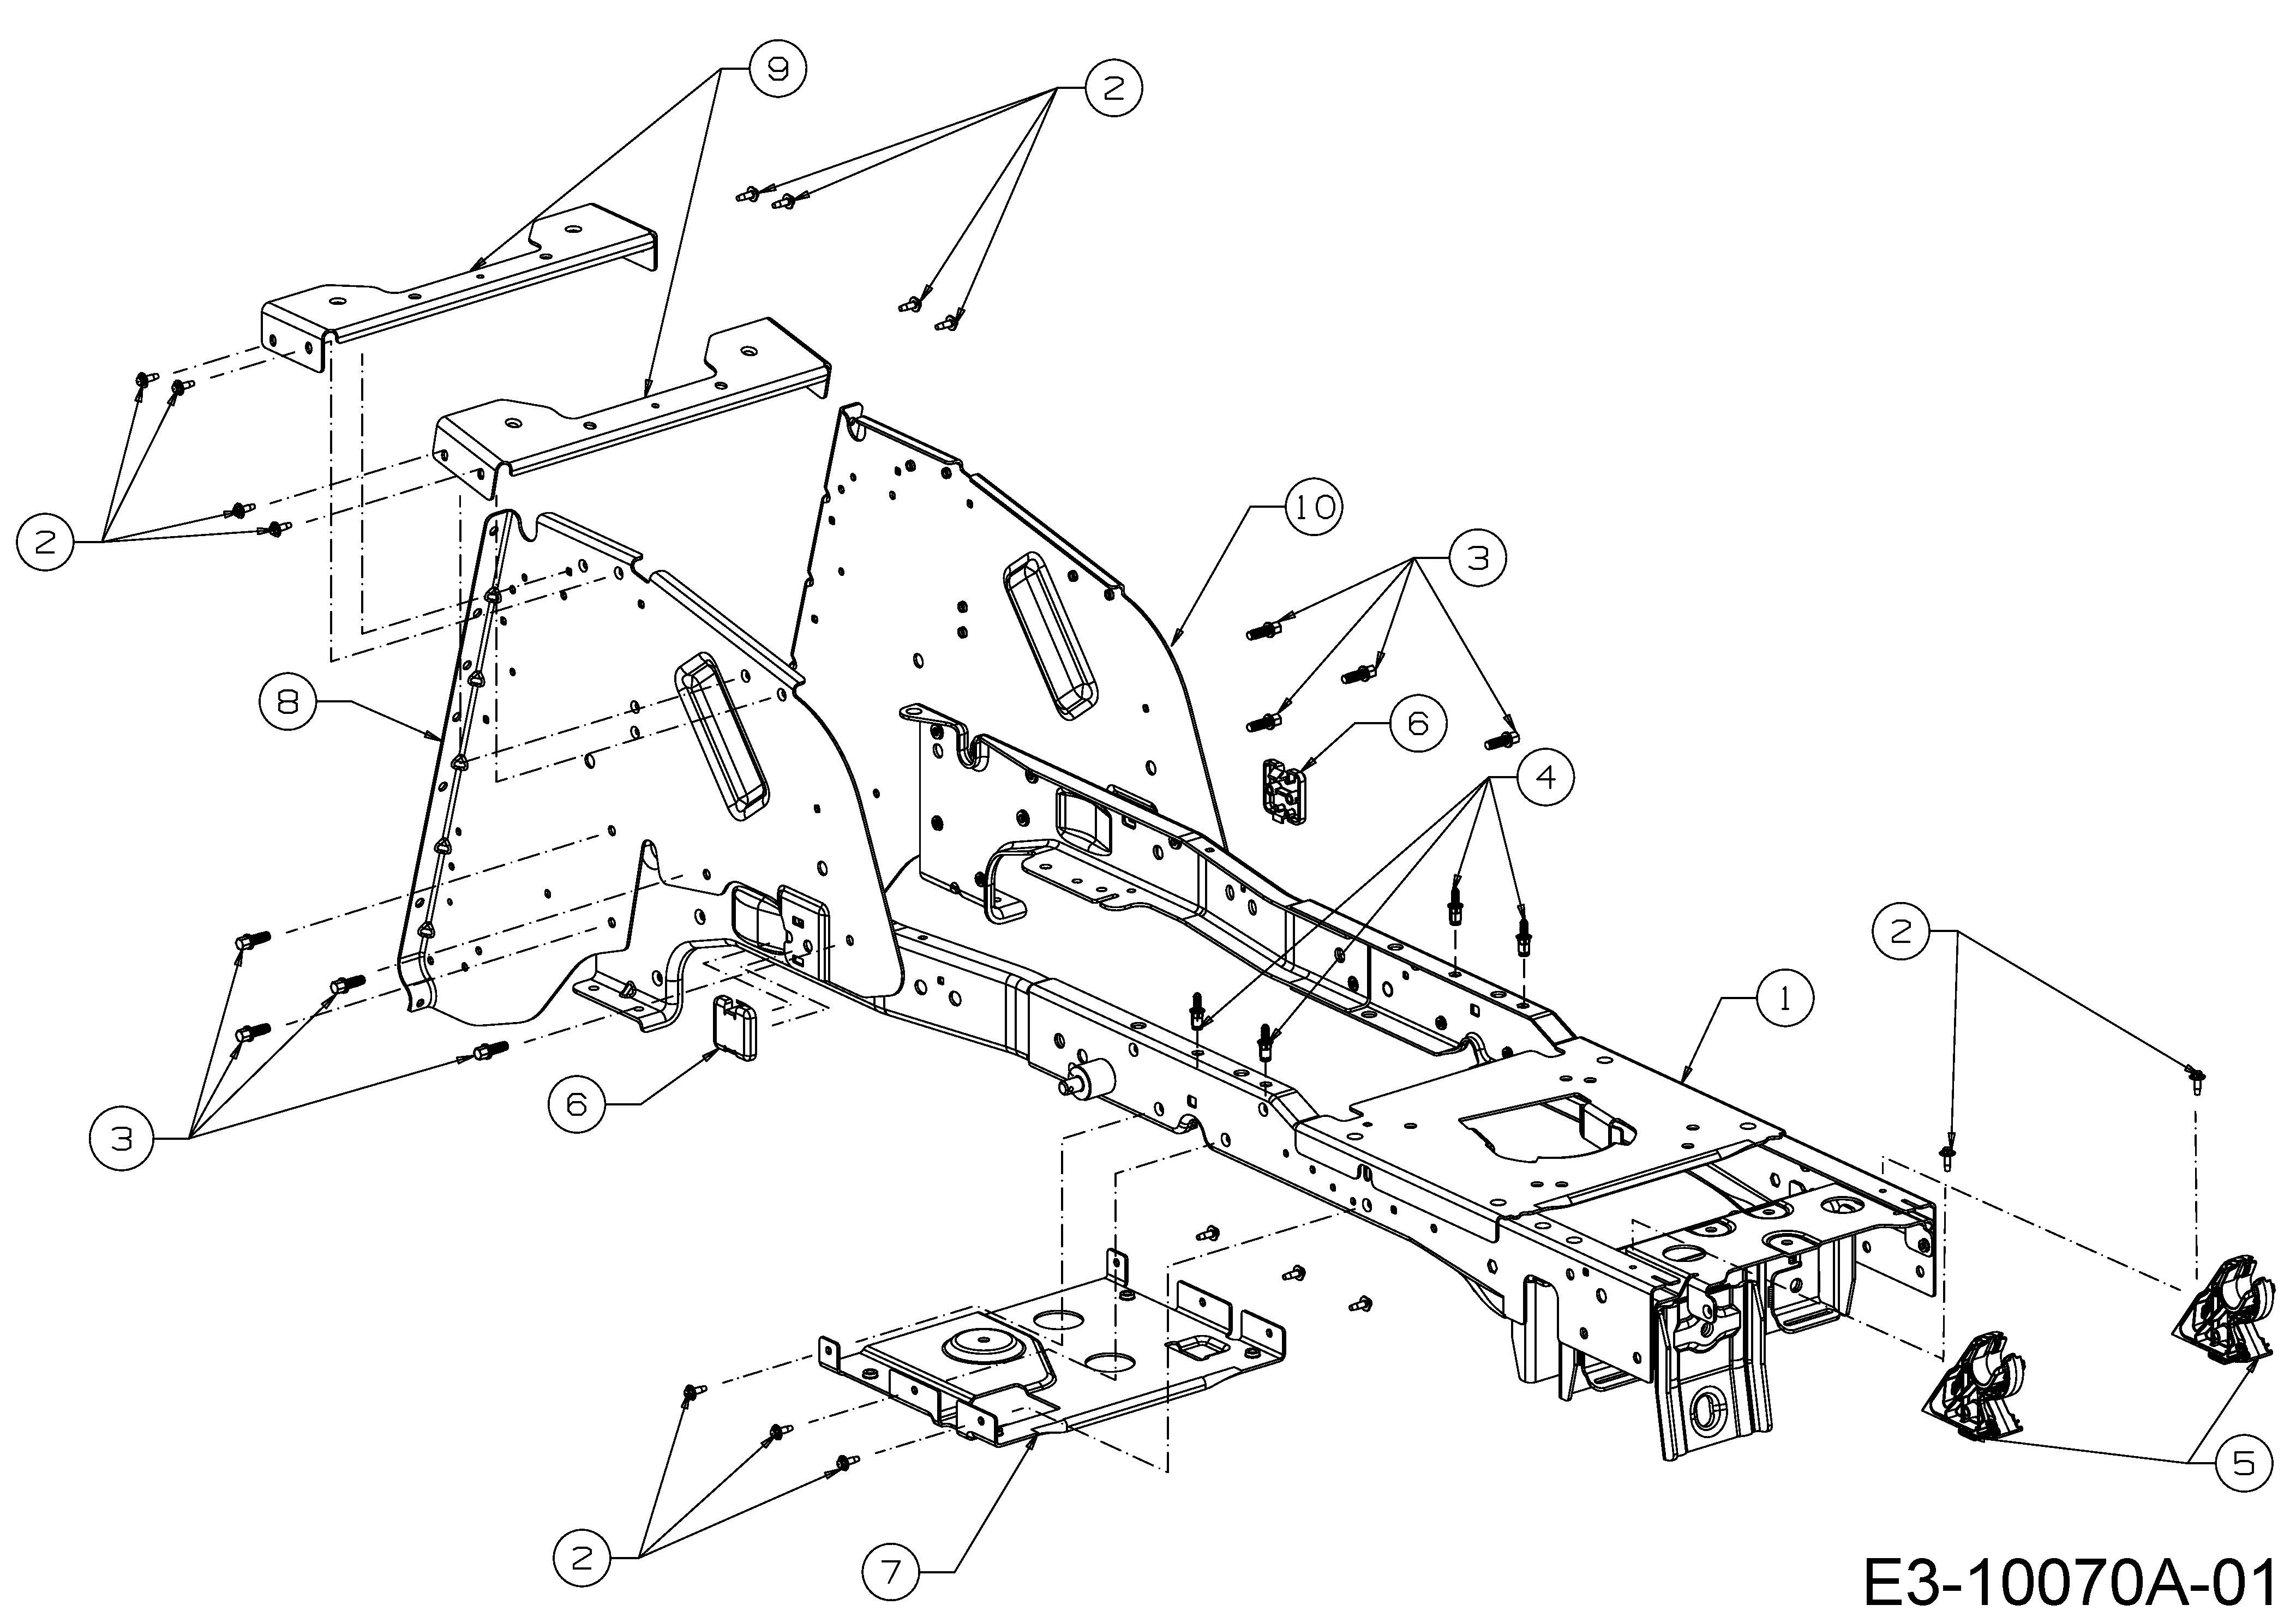 WOLF-Garten Expert Alpha 106.185 H Rahmen 13ALA1VR650 (2017)